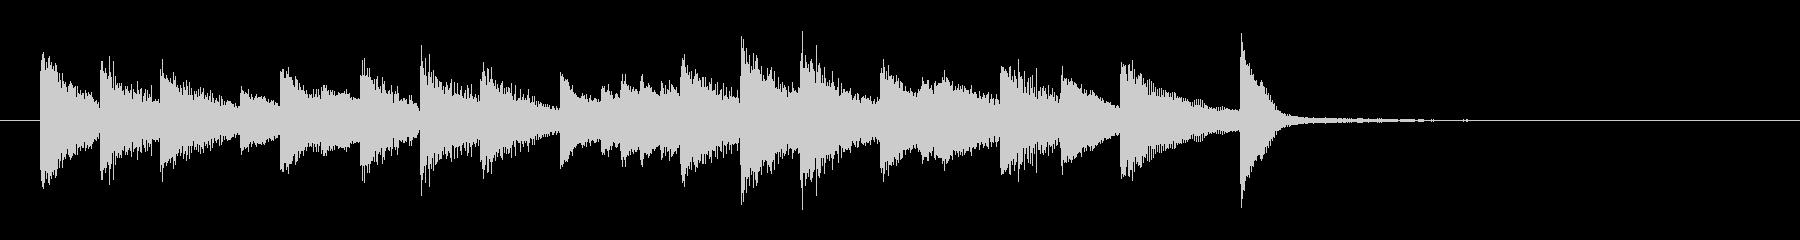 エネルギッシュなピアノジングルの未再生の波形